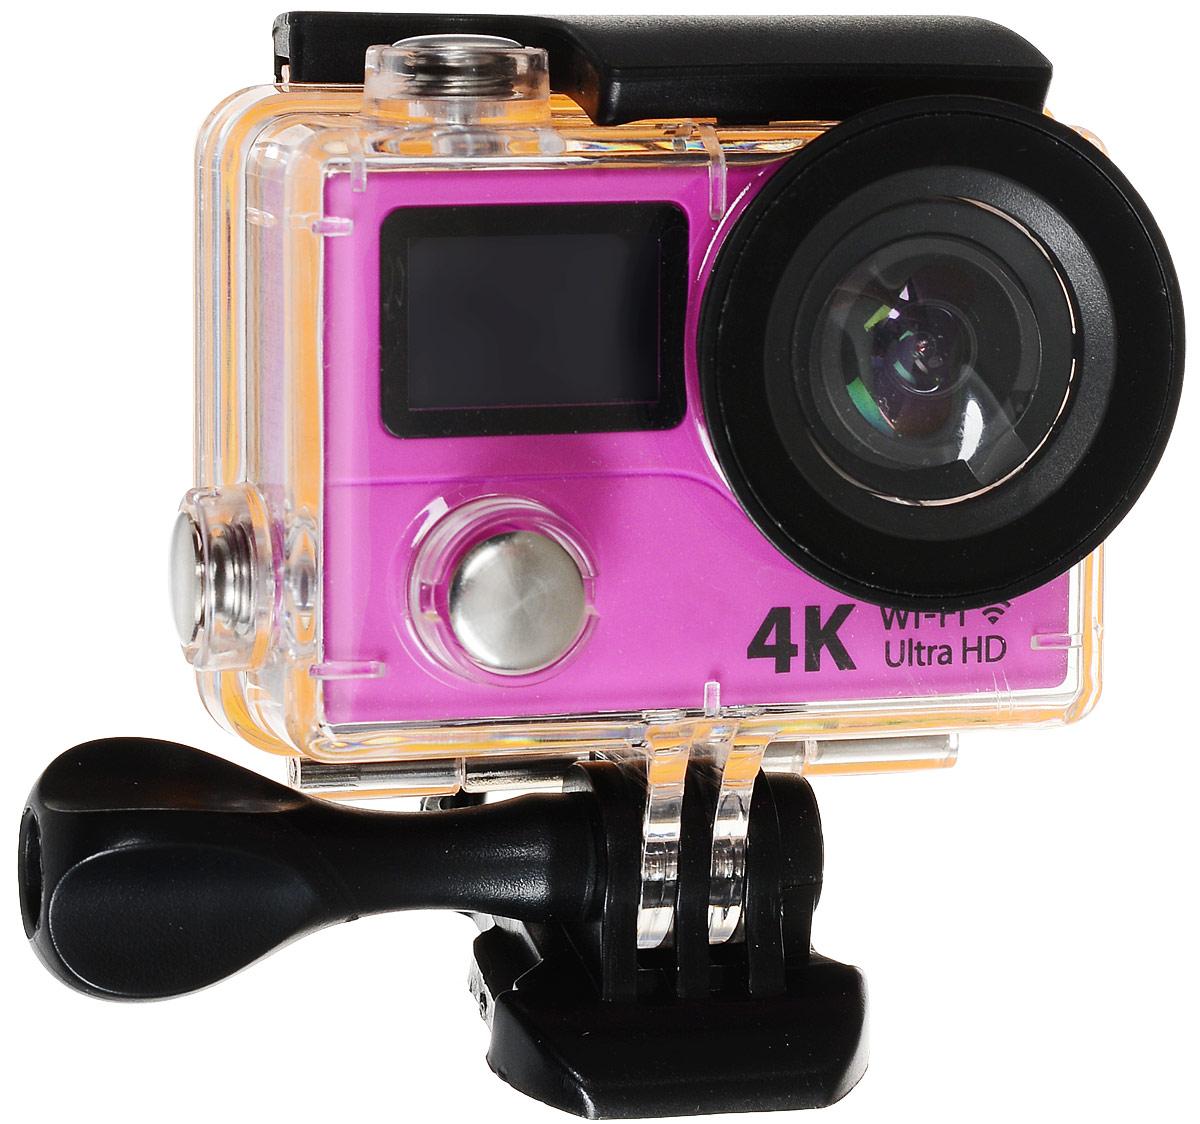 Eken H3R Ultra HD, Pink экшн-камераH3R/H8Rse_pinkЭкшн-камера Eken H3R Ultra HD позволяет записывать видео с разрешением 4К и очень плавным изображением до 25 кадров в секунду. Камера имеет два дисплея: 2 TFT LCD основной экран и 0.95 OLED экран статуса (уровень заряда батареи, подключение к WiFi, режим съемки и длительность записи). Эта модель сделана для любителей спорта на улице, подводного плавания, скейтбординга, скай-дайвинга, скалолазания, бега или охоты. Снимайте с руки, на велосипеде, в машине и где угодно. По сравнению с предыдущими версиями, в Eken H3R Ultra HD вы найдете уменьшенные размеры корпуса, увеличенный до 2-х дюймов экран, невероятную оптику и фантастическое разрешение изображения при съемке 25 кадров в секунду!Управляйте вашей H3R на своем смартфоне или планшете. Приложение Ez iCam App позволяет работать с браузером и наблюдать все то, что видит ваша камера. В комплекте с камерой идет пульт ДУ работающий на частоте 2,4 ГГц. Он позволяет начинать и заканчивать съемку удаленно.